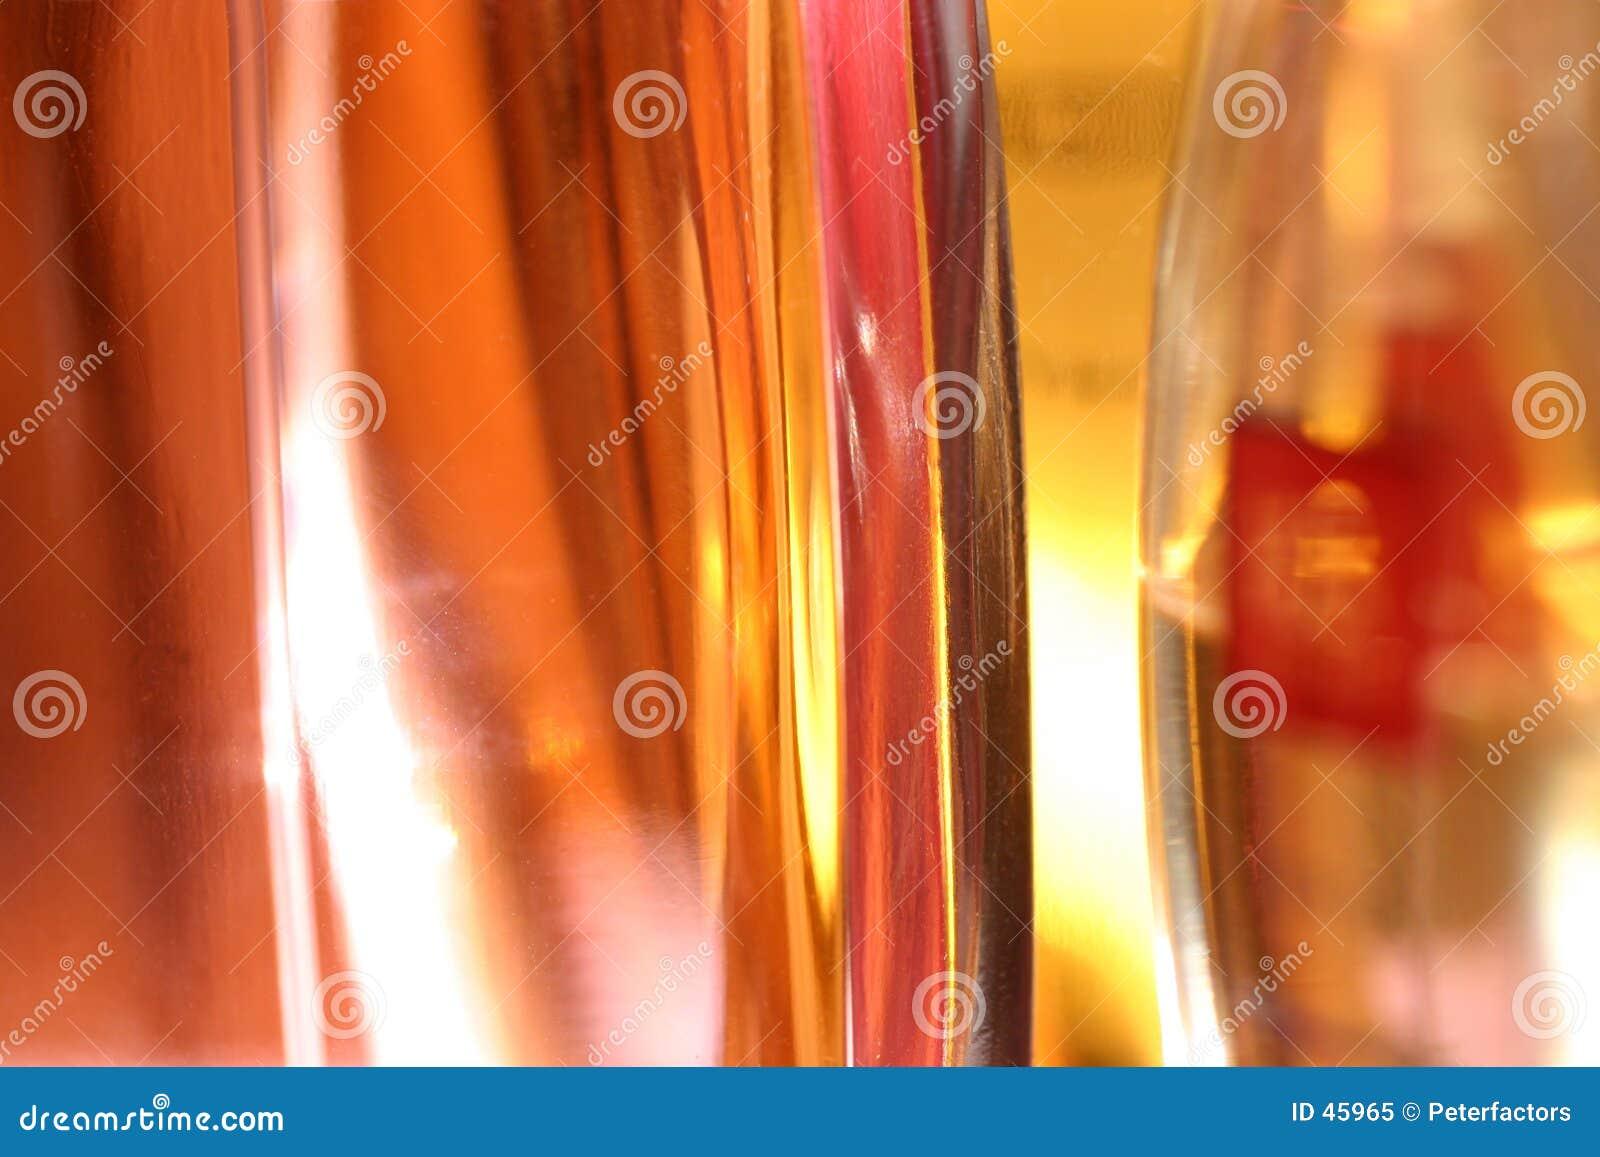 De flessen van het parfum